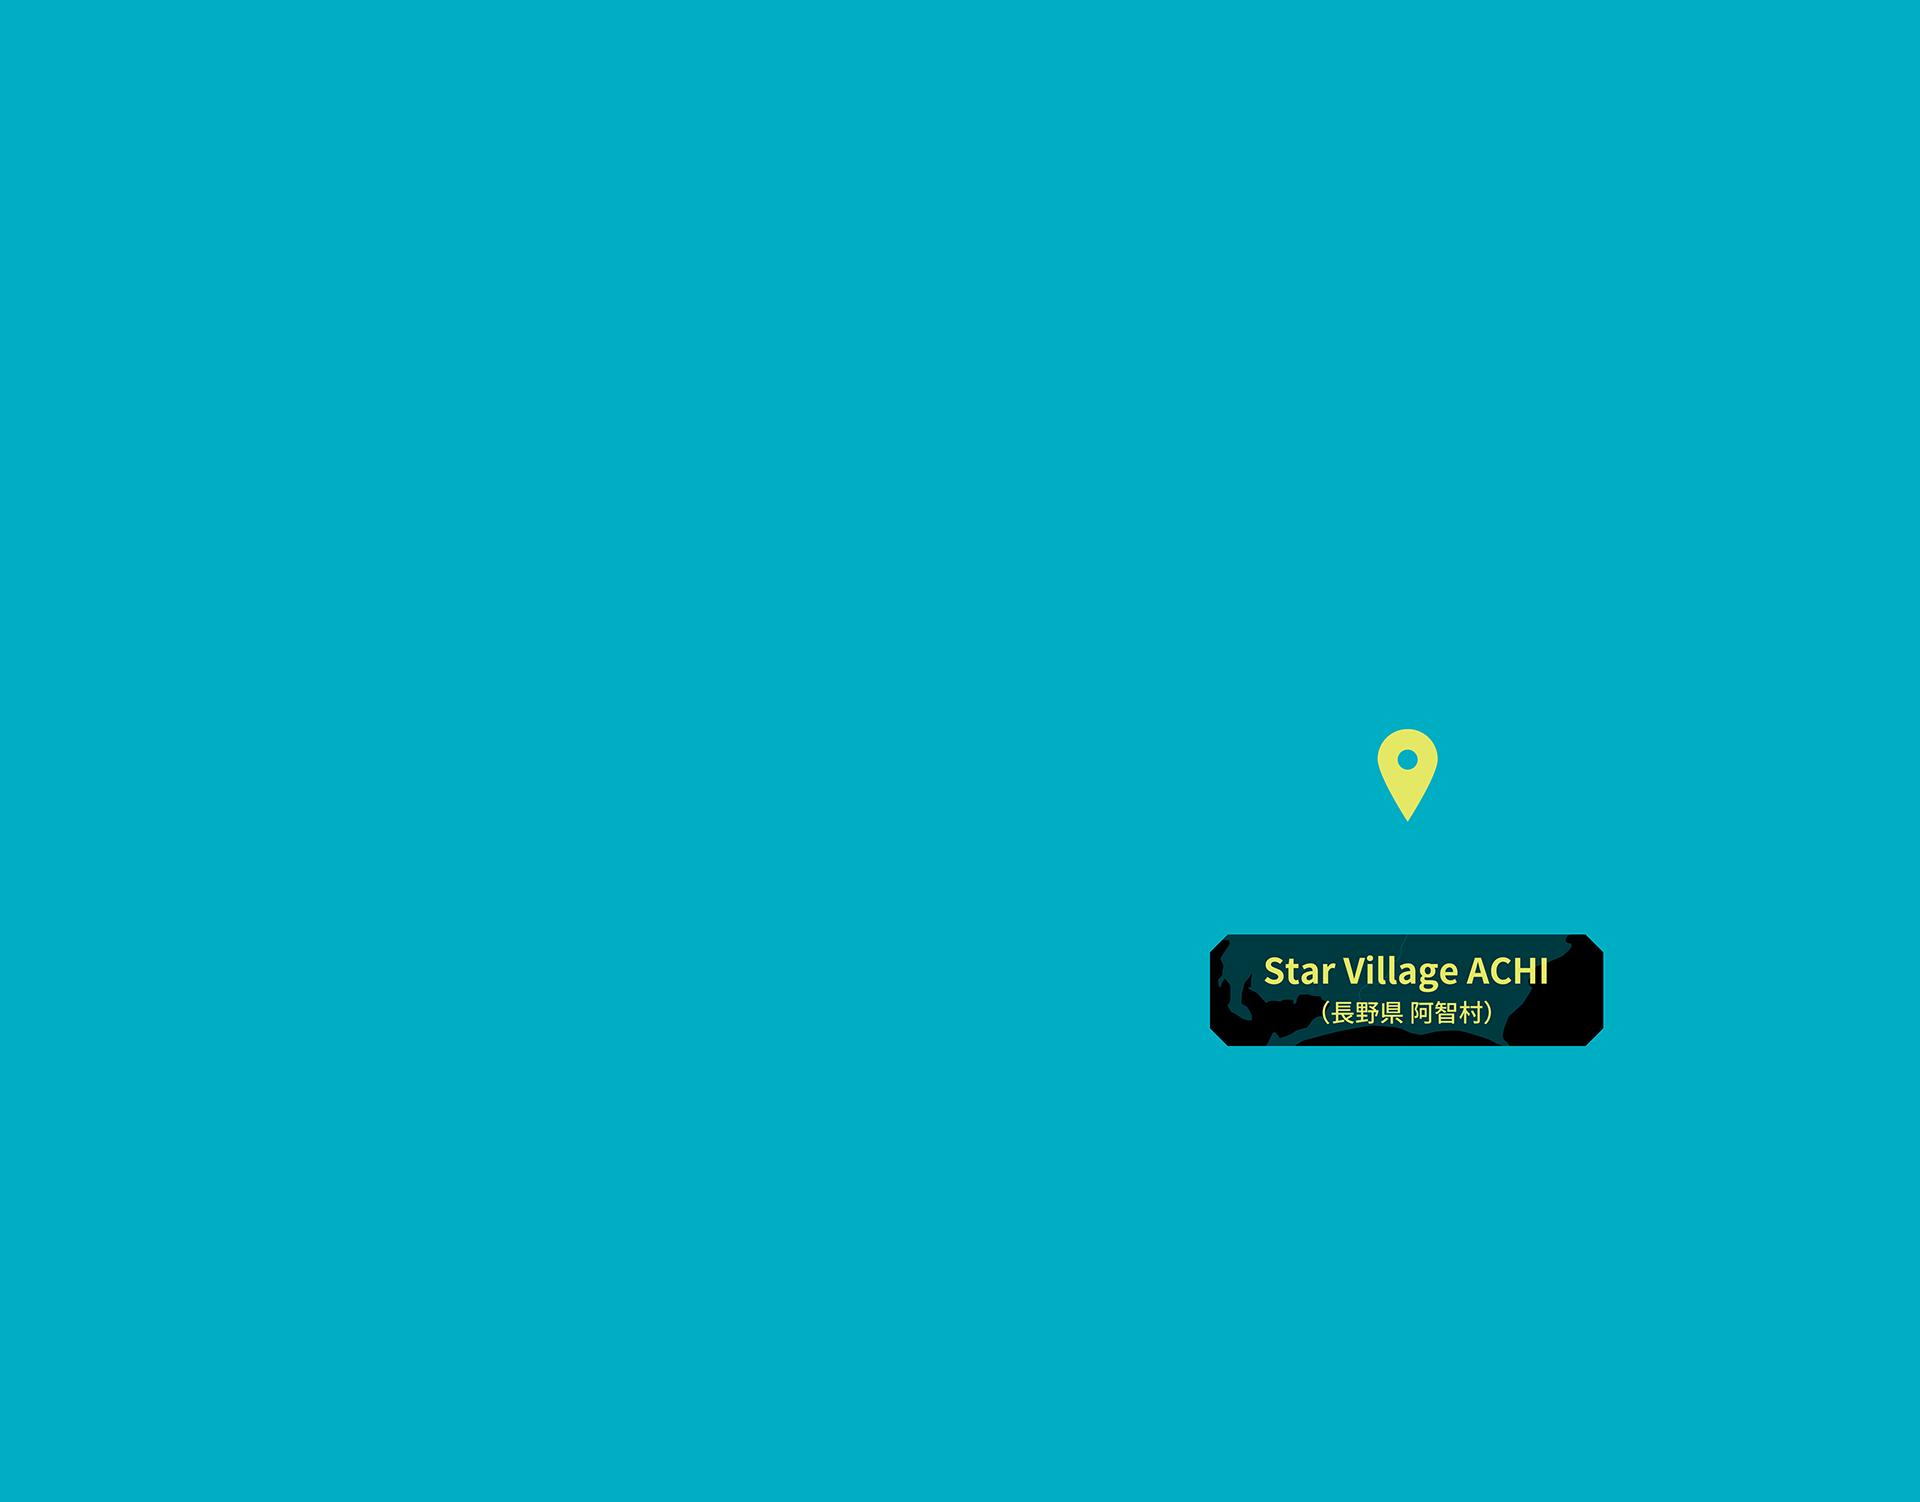 阿智村のMAP